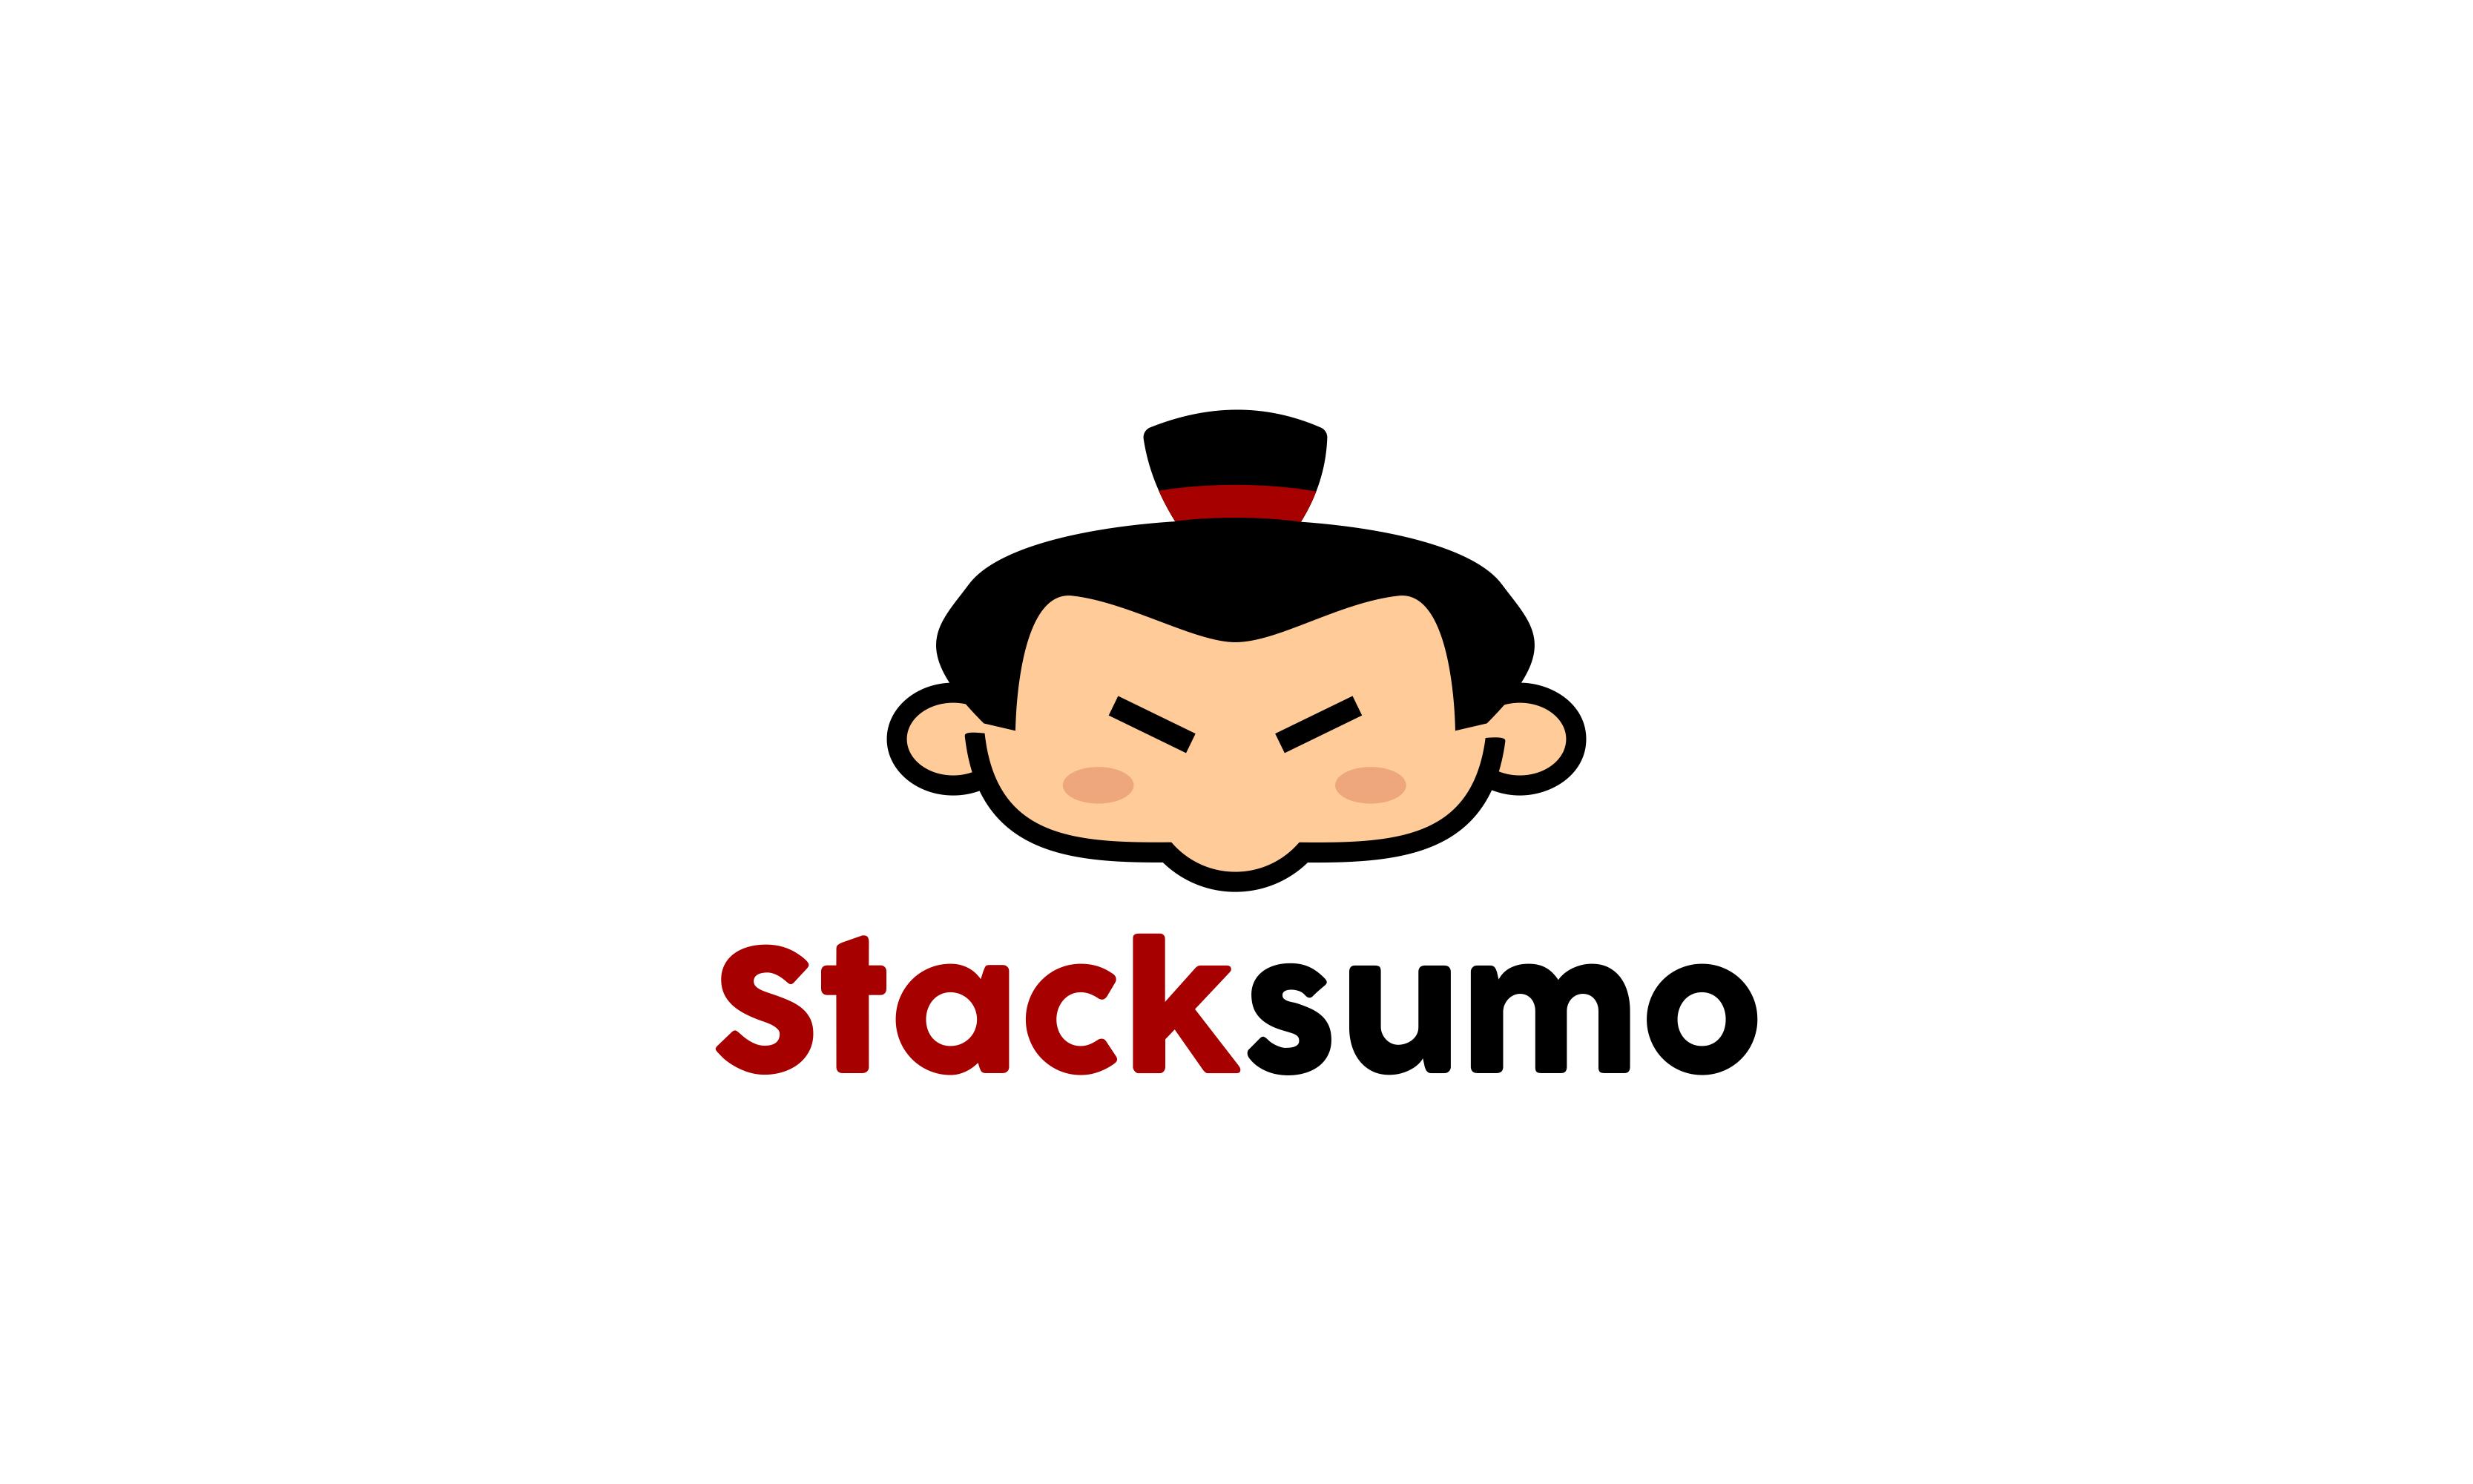 stacksumo logo